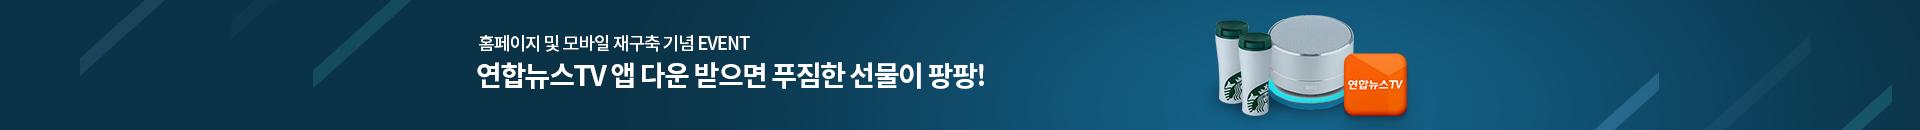 연합뉴스TV 앱 다운 받으면 푸짐한 선물이 팡팡!